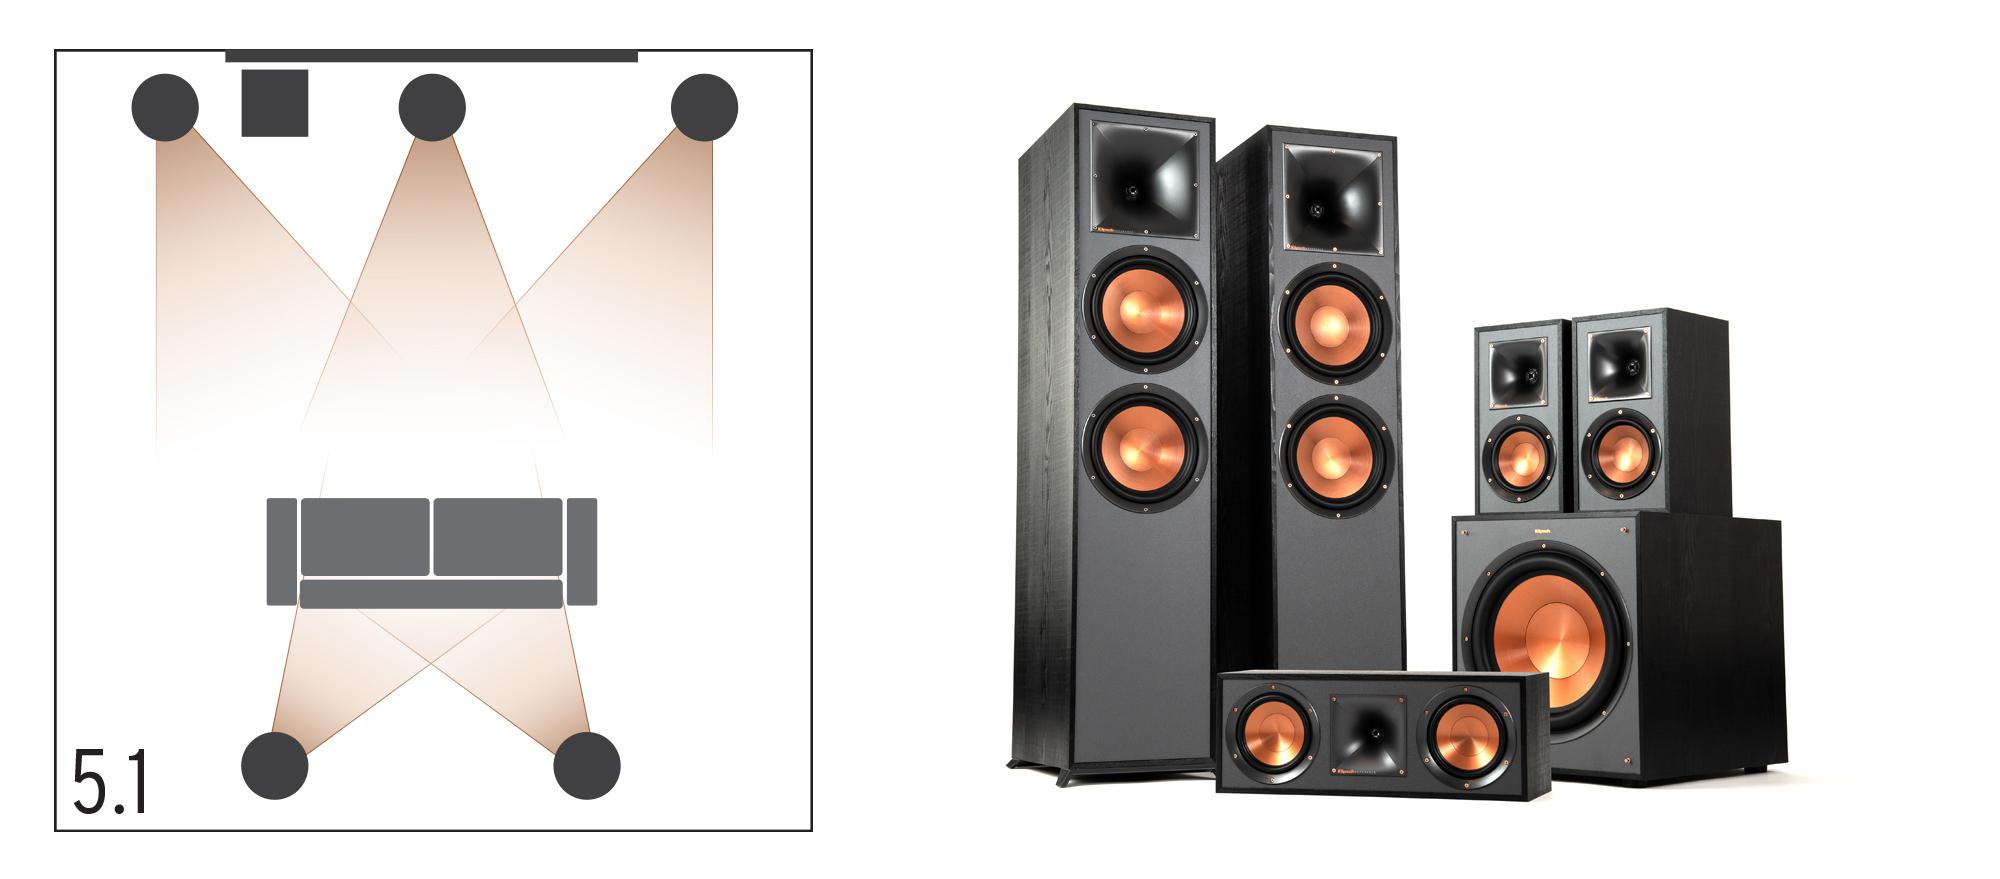 Klipsch Surround Sound 5.1 Home Theater Configuration